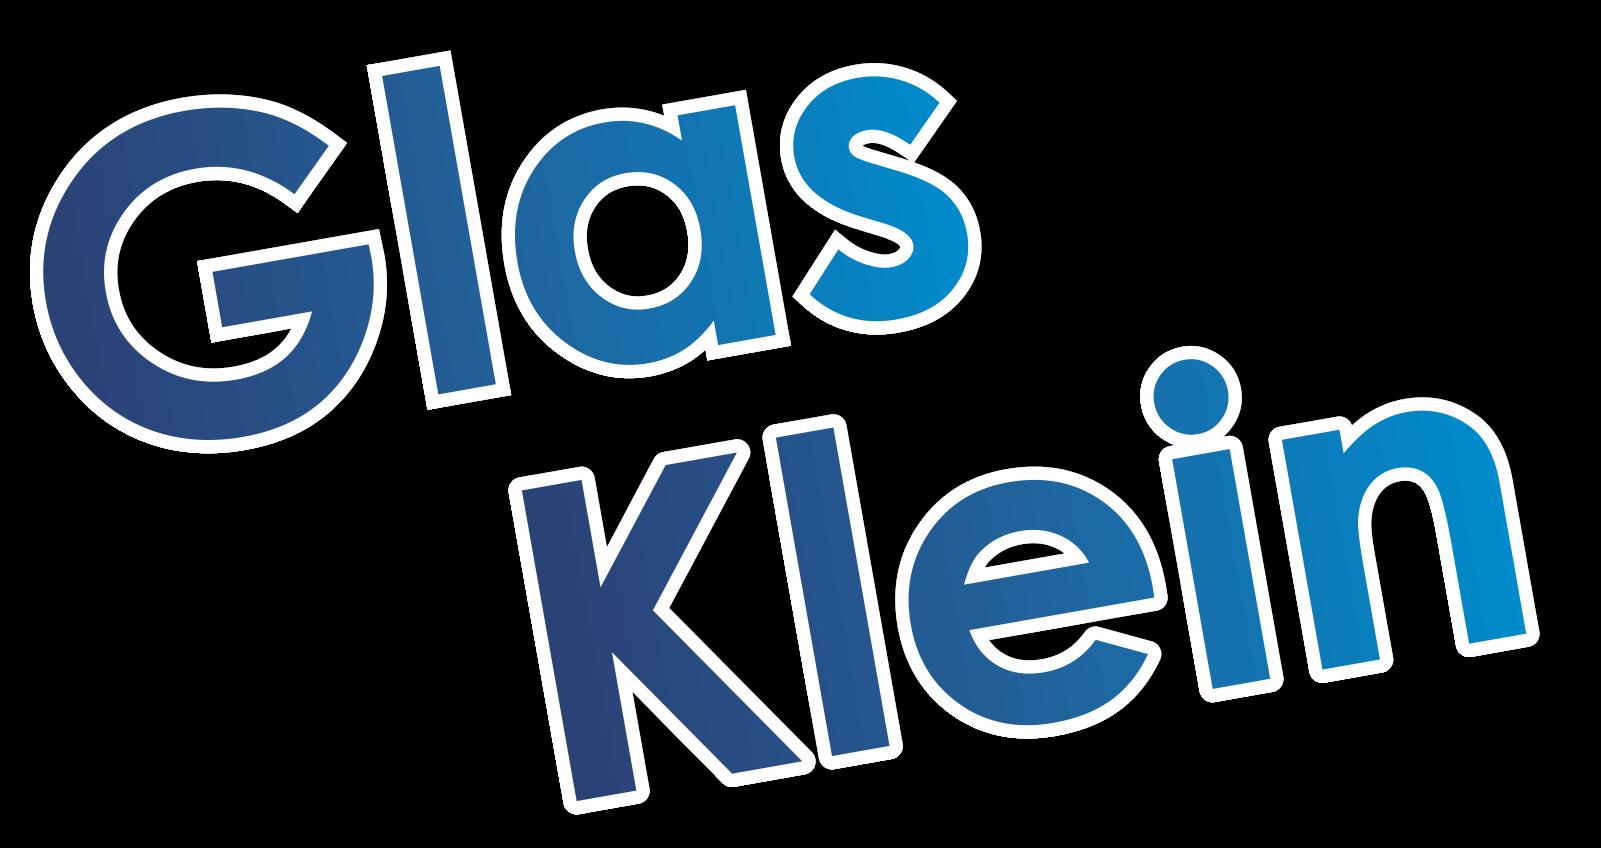 Glashandel Klein